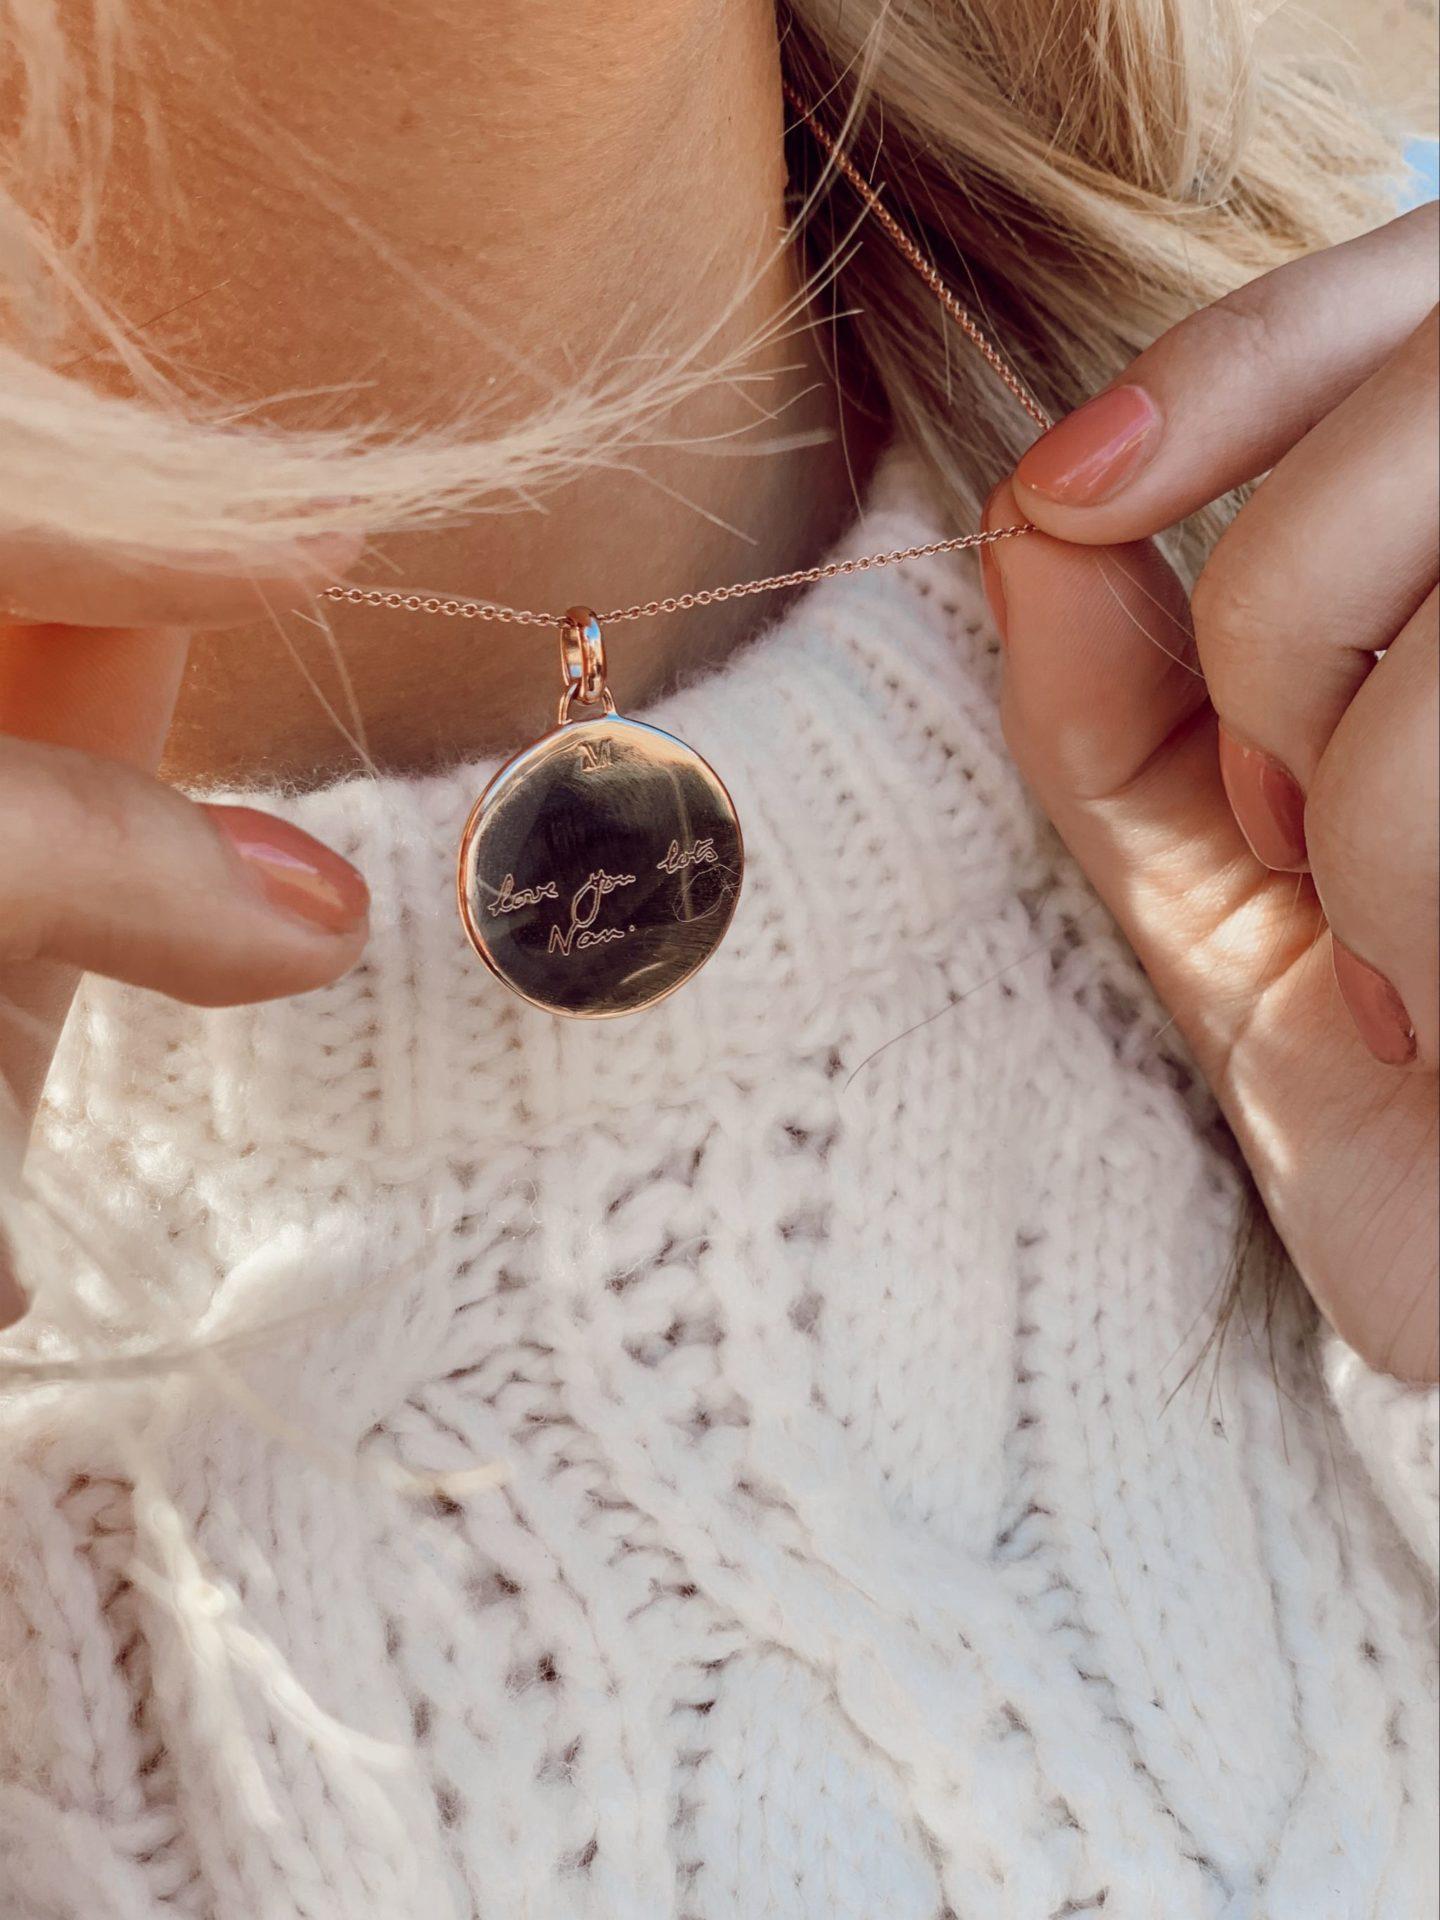 kenzie_monica_vinader_engraved_necklace